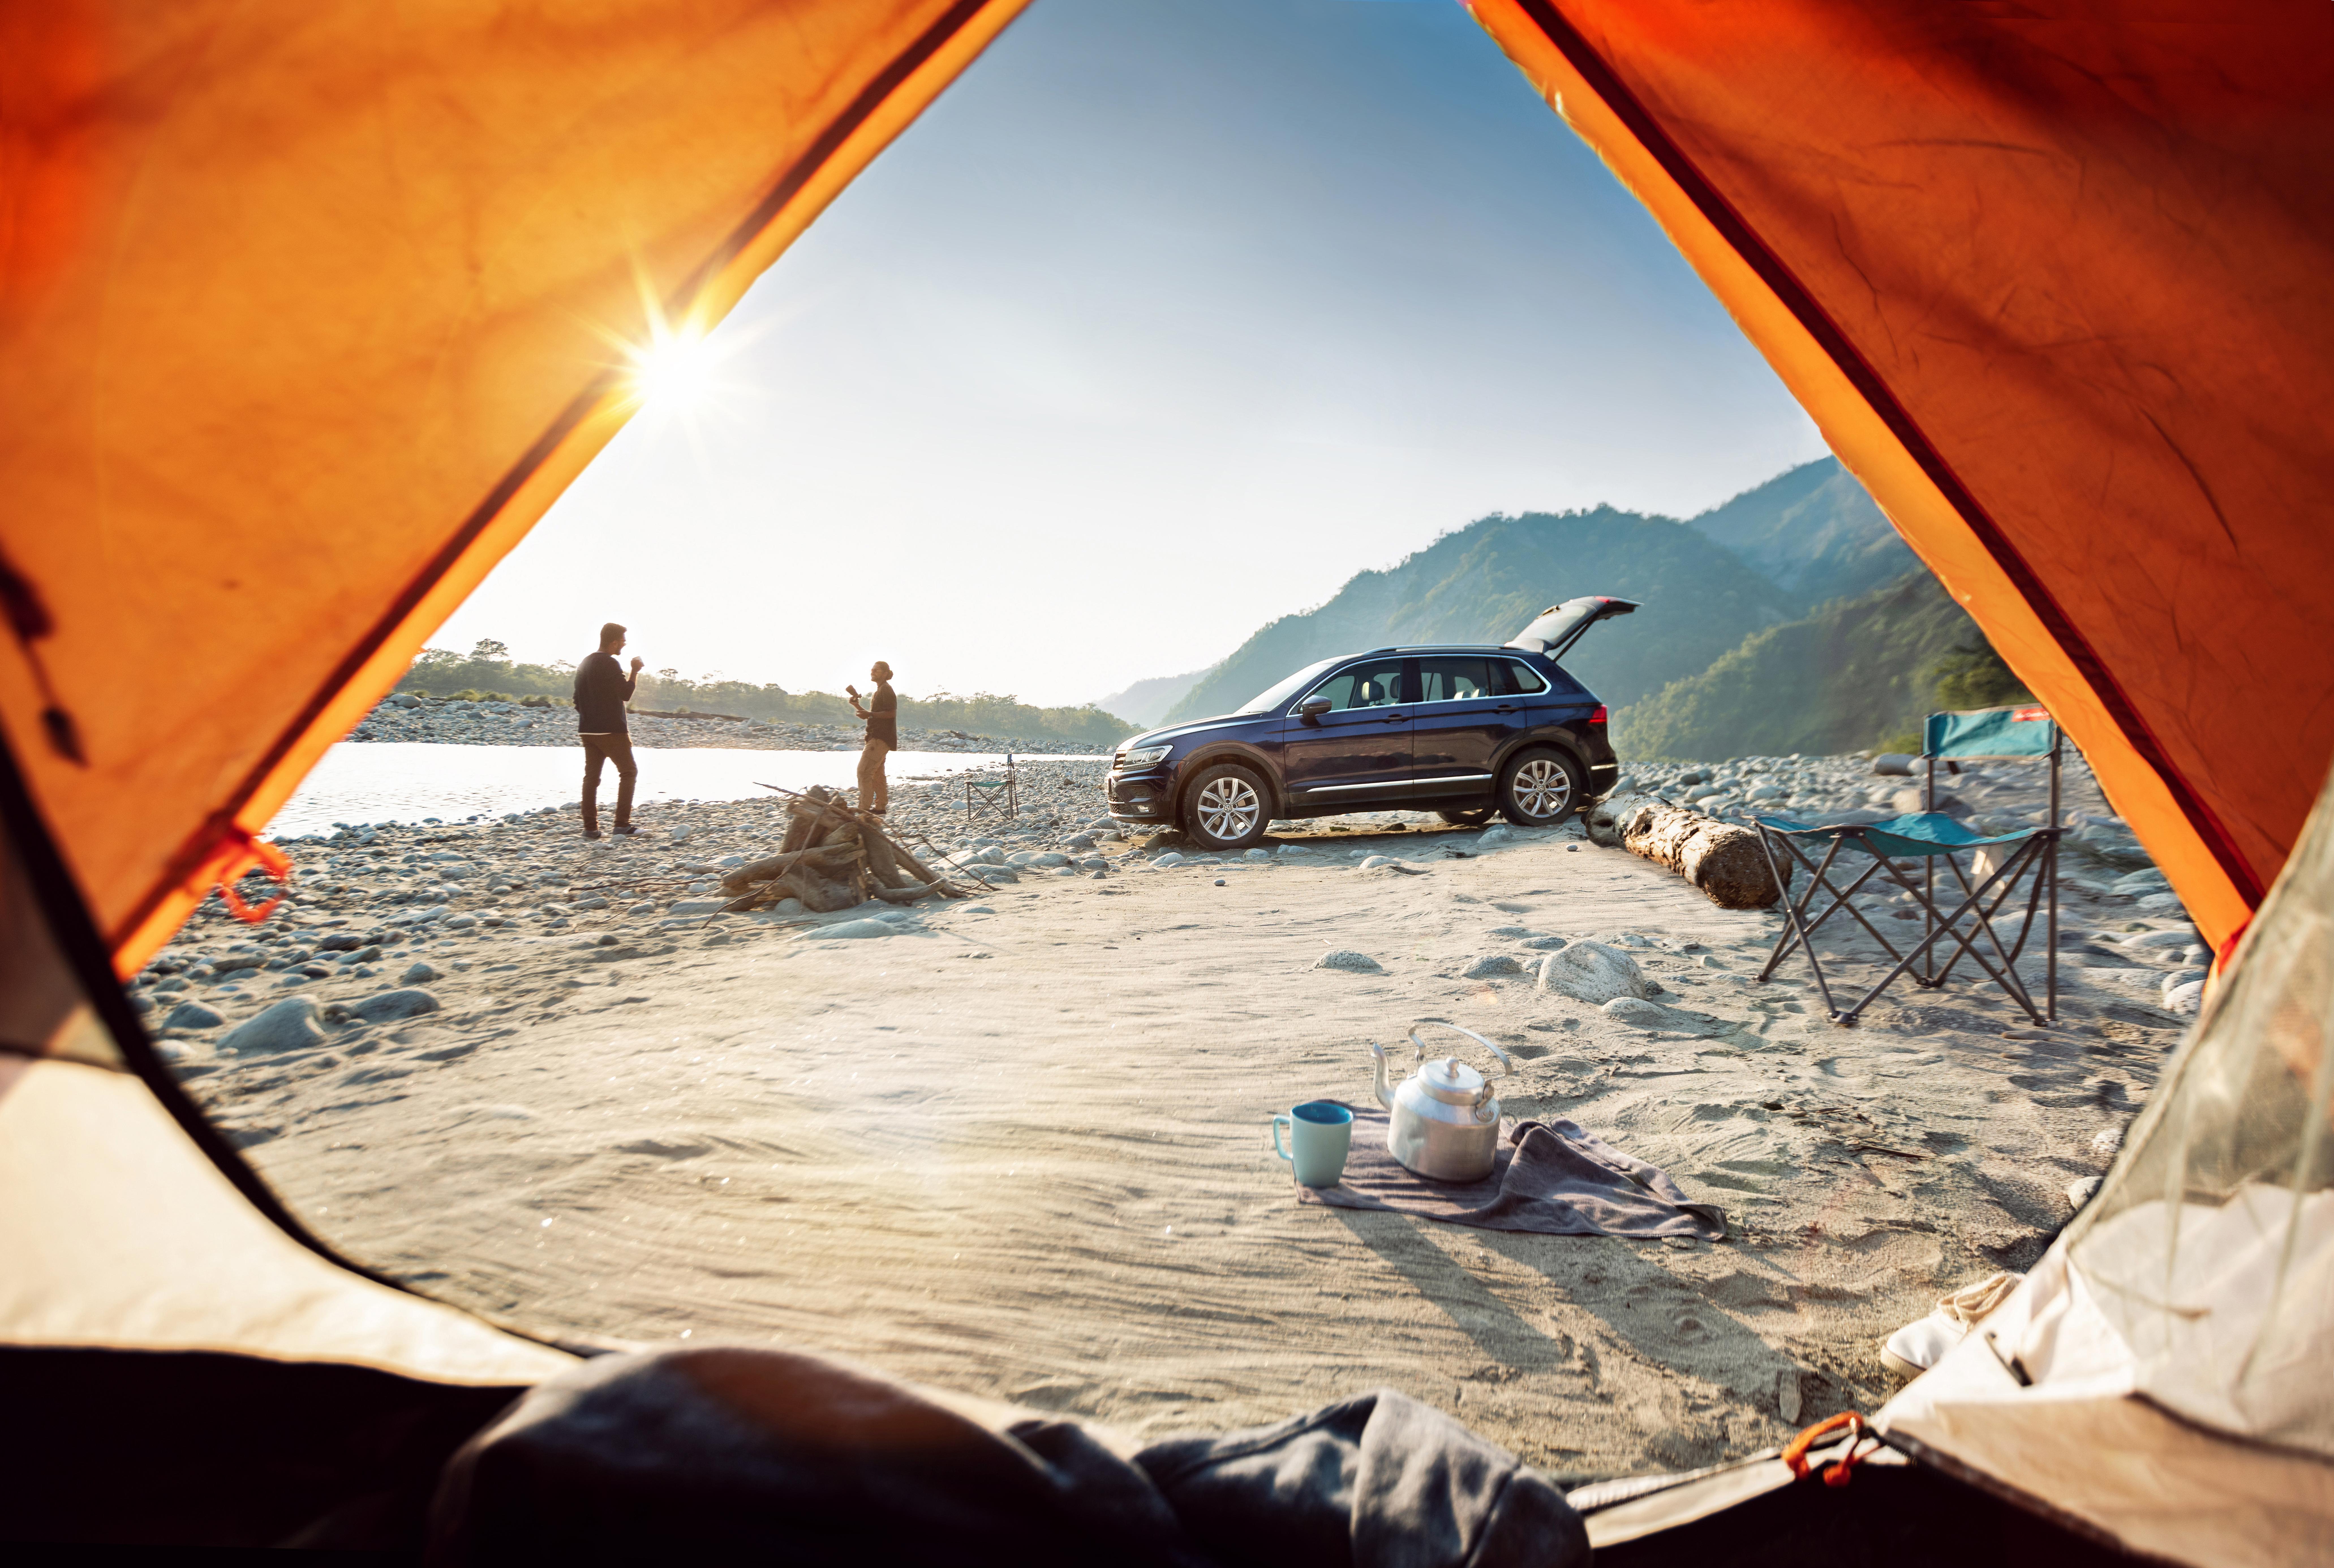 Tiguan Camping